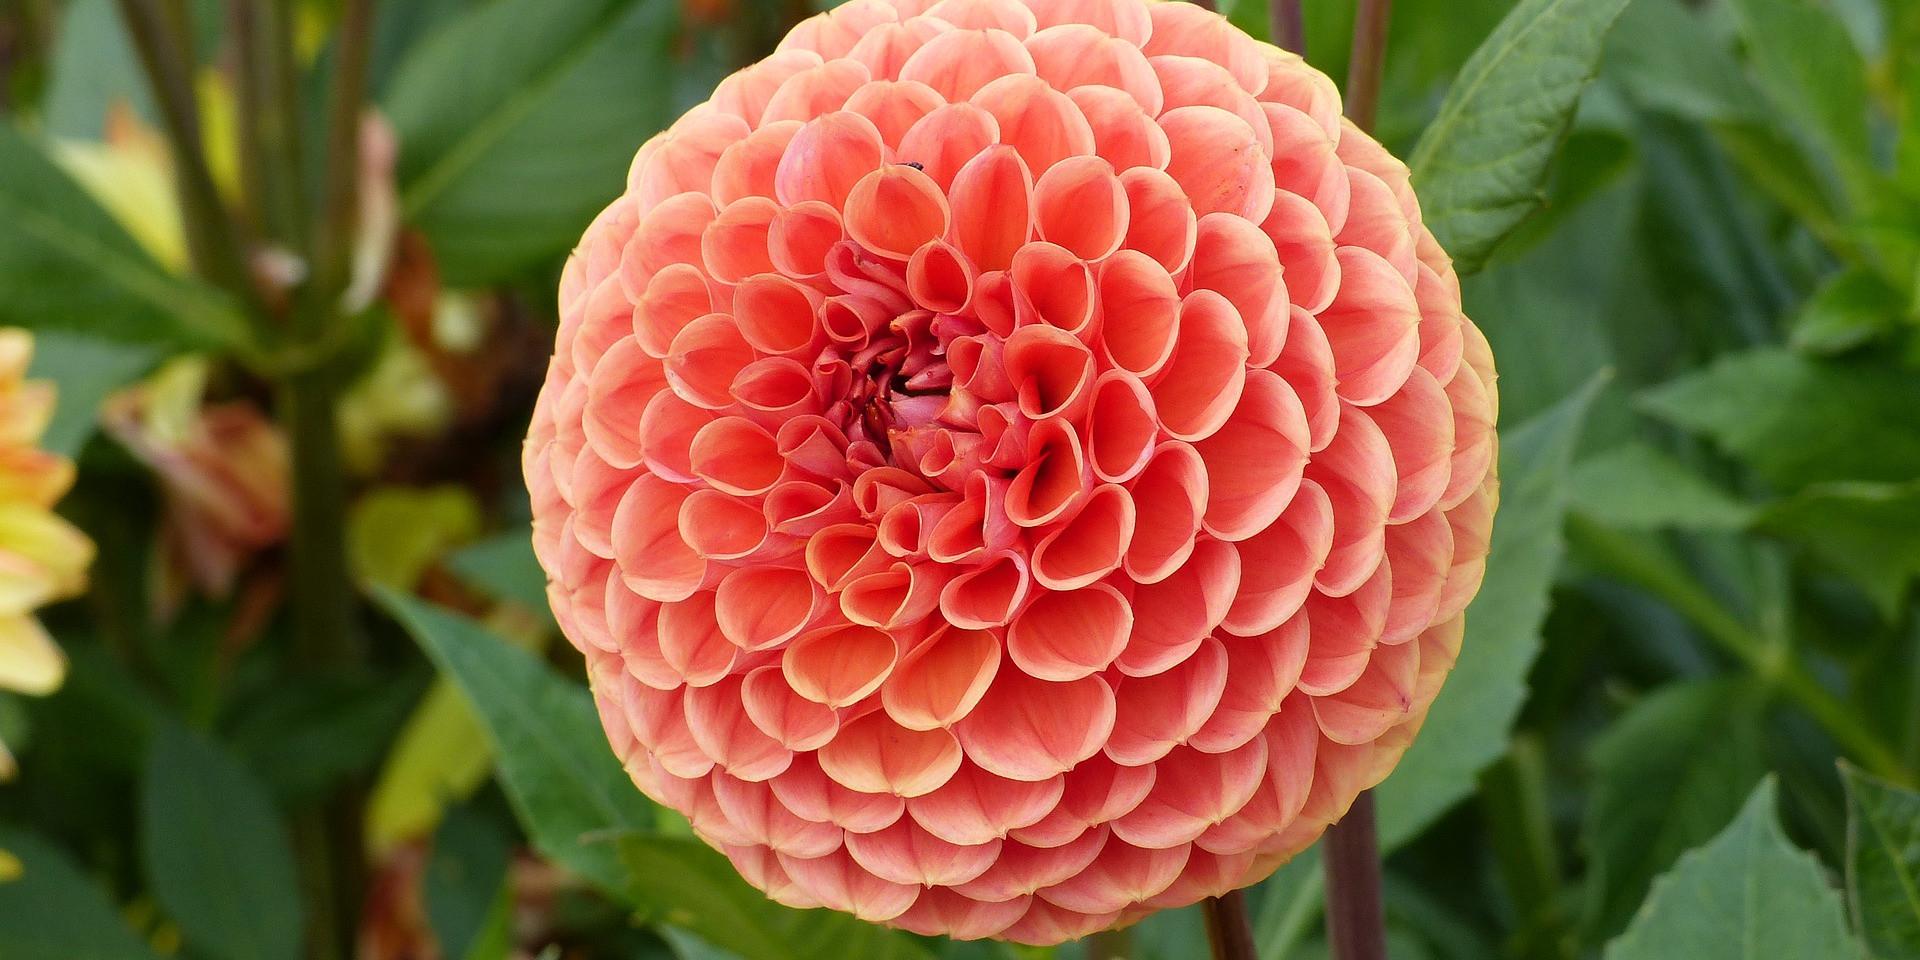 Dahlia Varieties